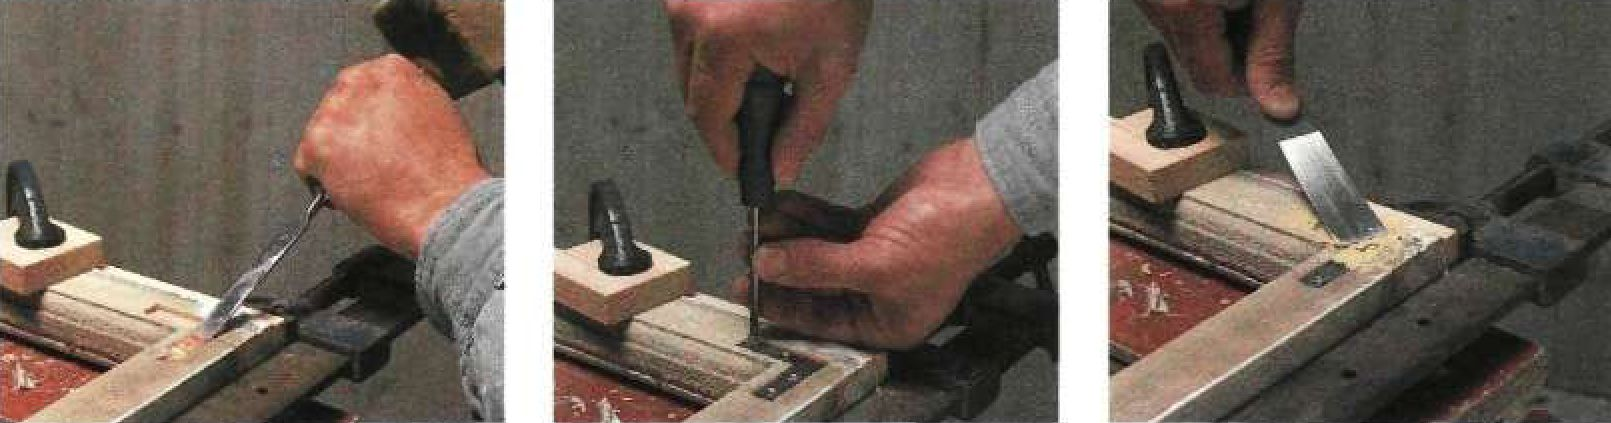 Усиление створки металлическими угловыми накладками